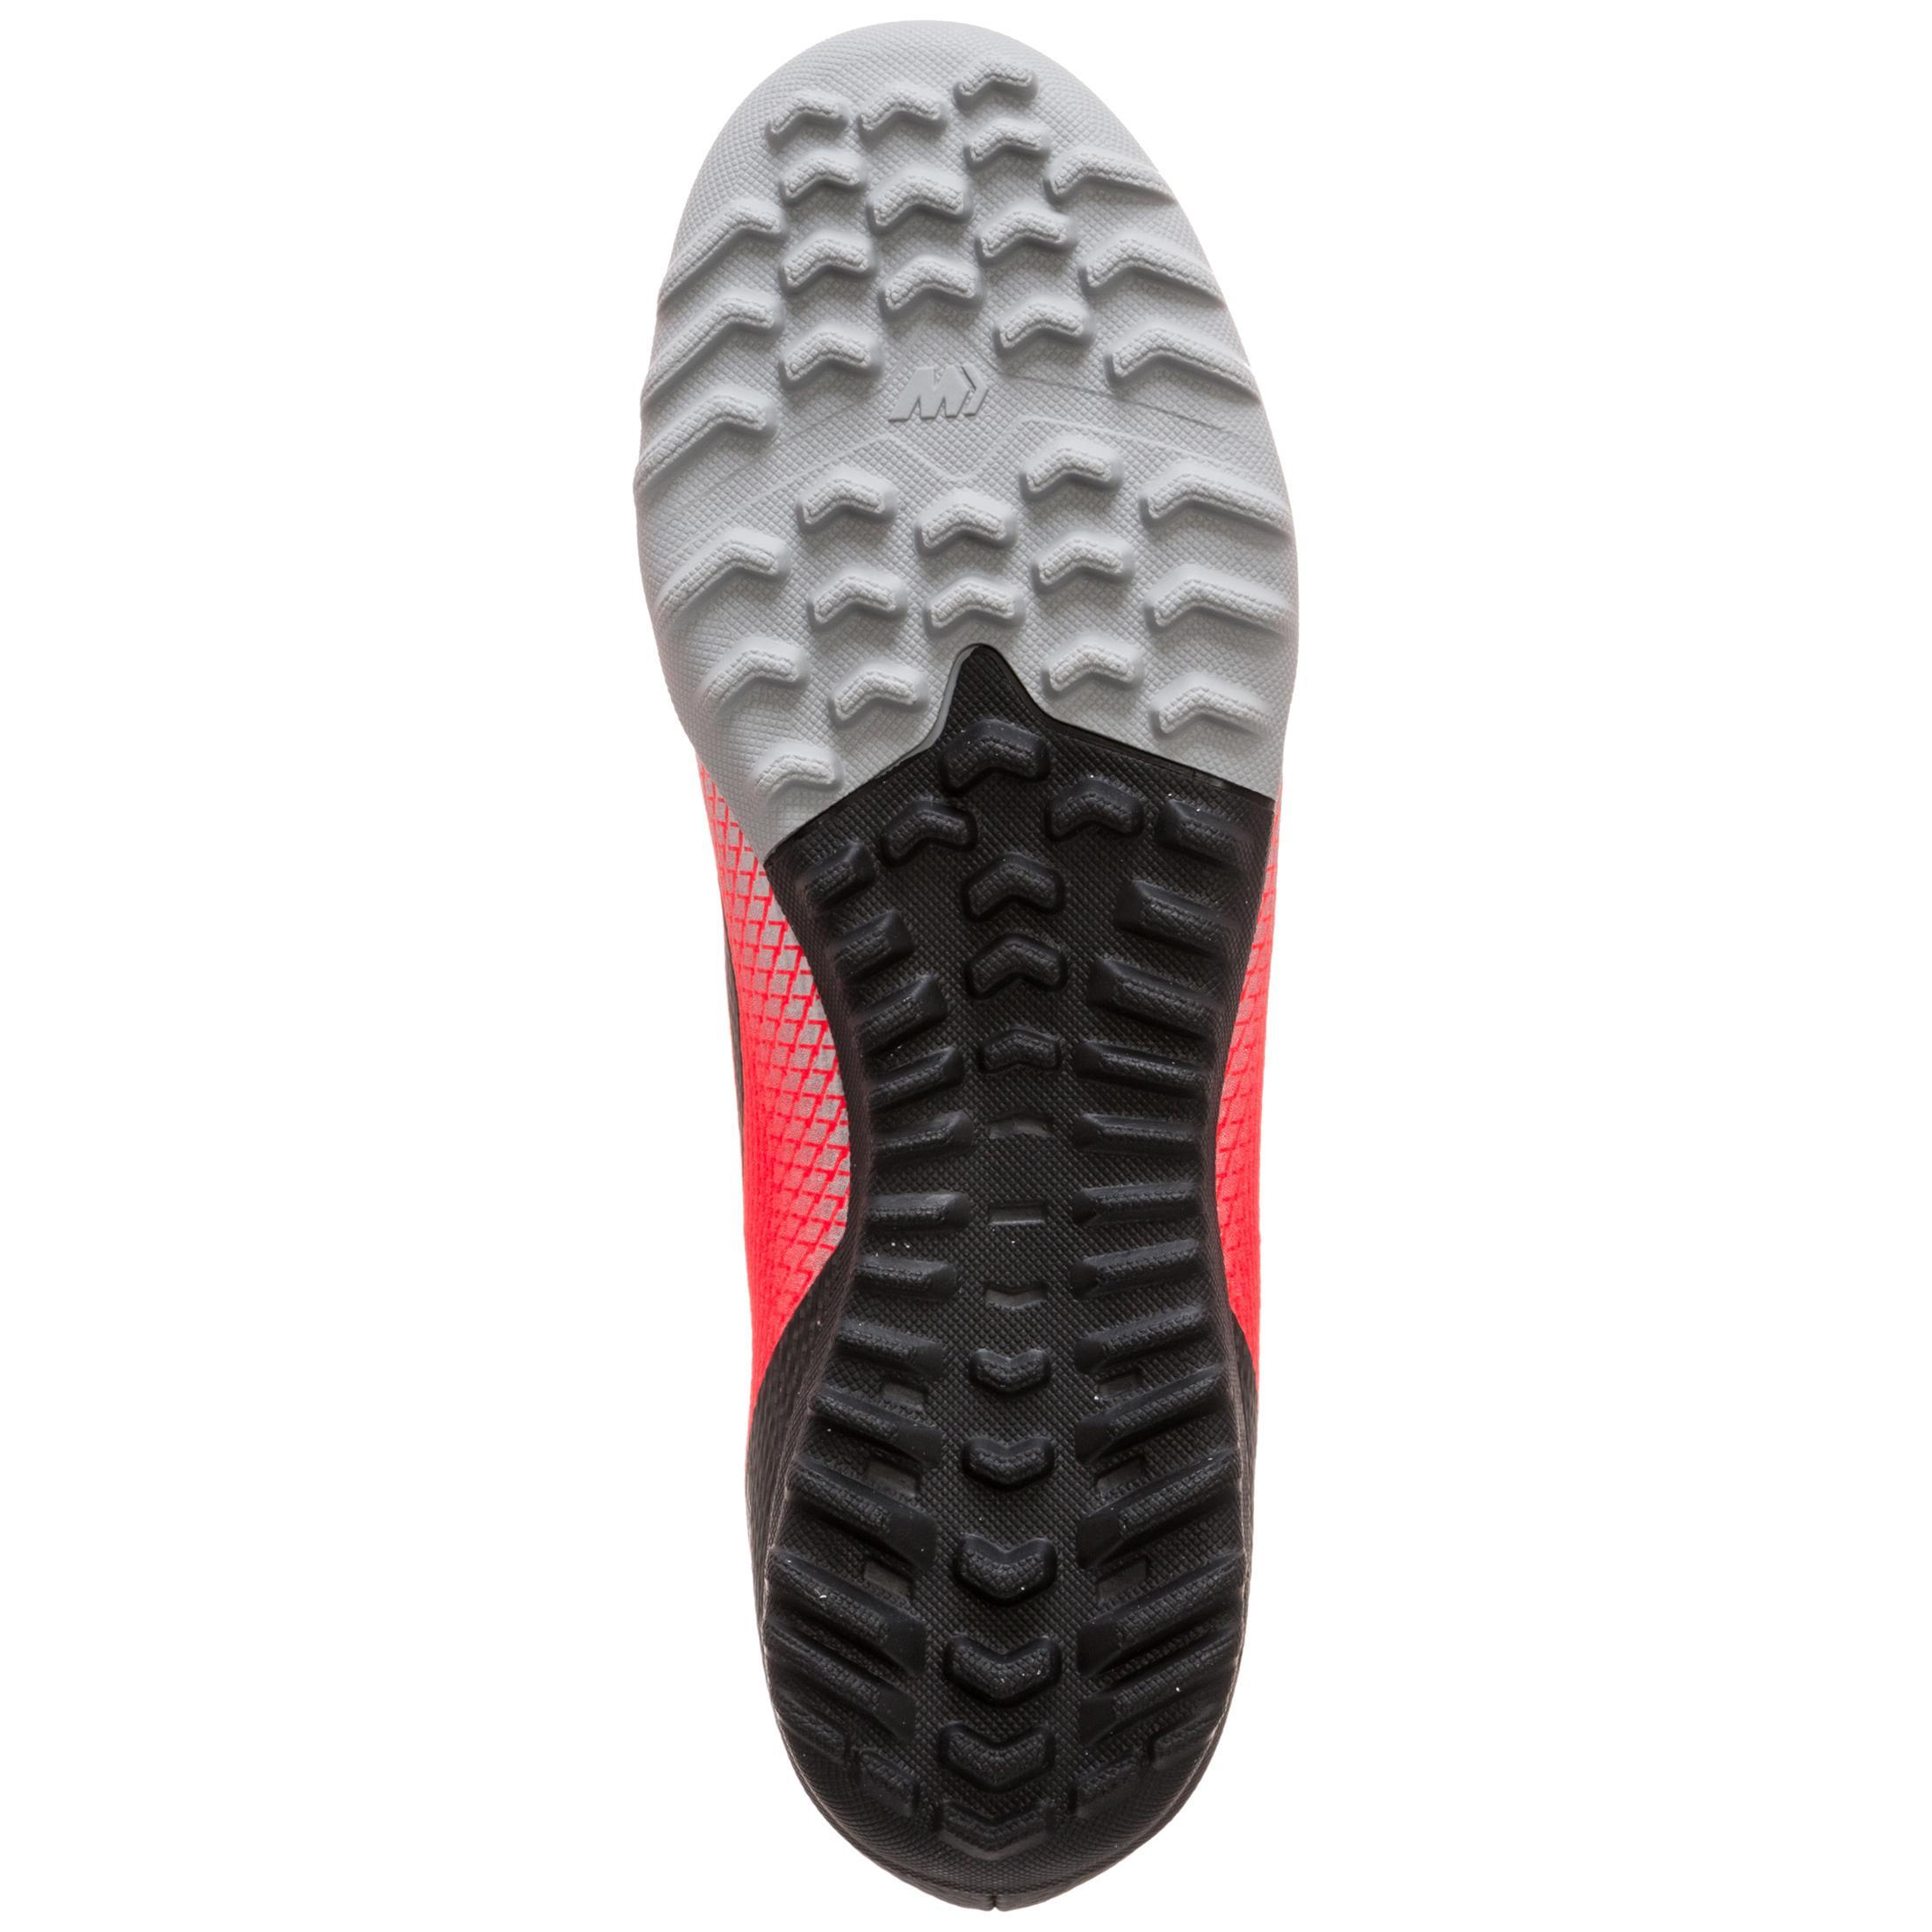 Nike Mercurial VaporX XII Academy CR7 Fußballschuhe Herren Herren Herren neonrot   schwarz im Online Shop von SportScheck kaufen Gute Qualität beliebte Schuhe 9ea1a1